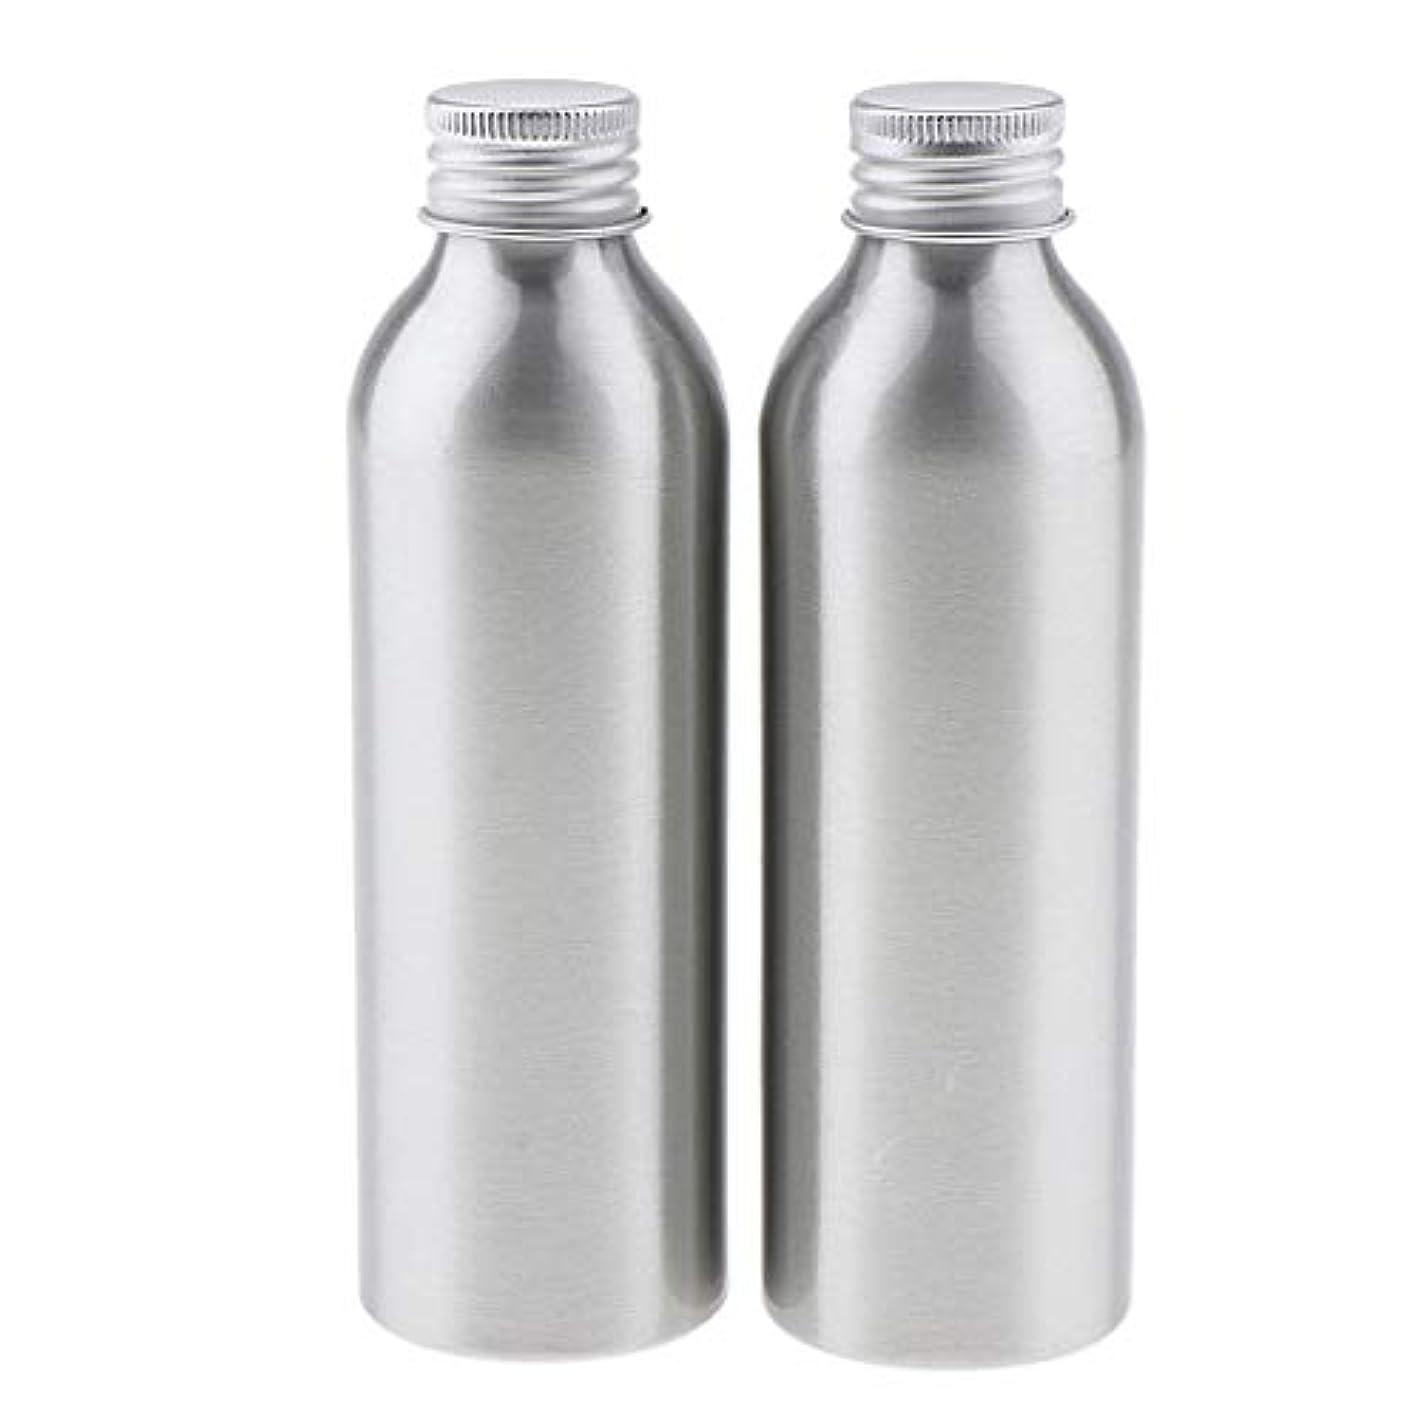 等百獲物ディスペンサーボトル 空ボトル アルミボトル 化粧品ボトル 詰替え容器 広い口 防錆 全5サイズ - 150ml